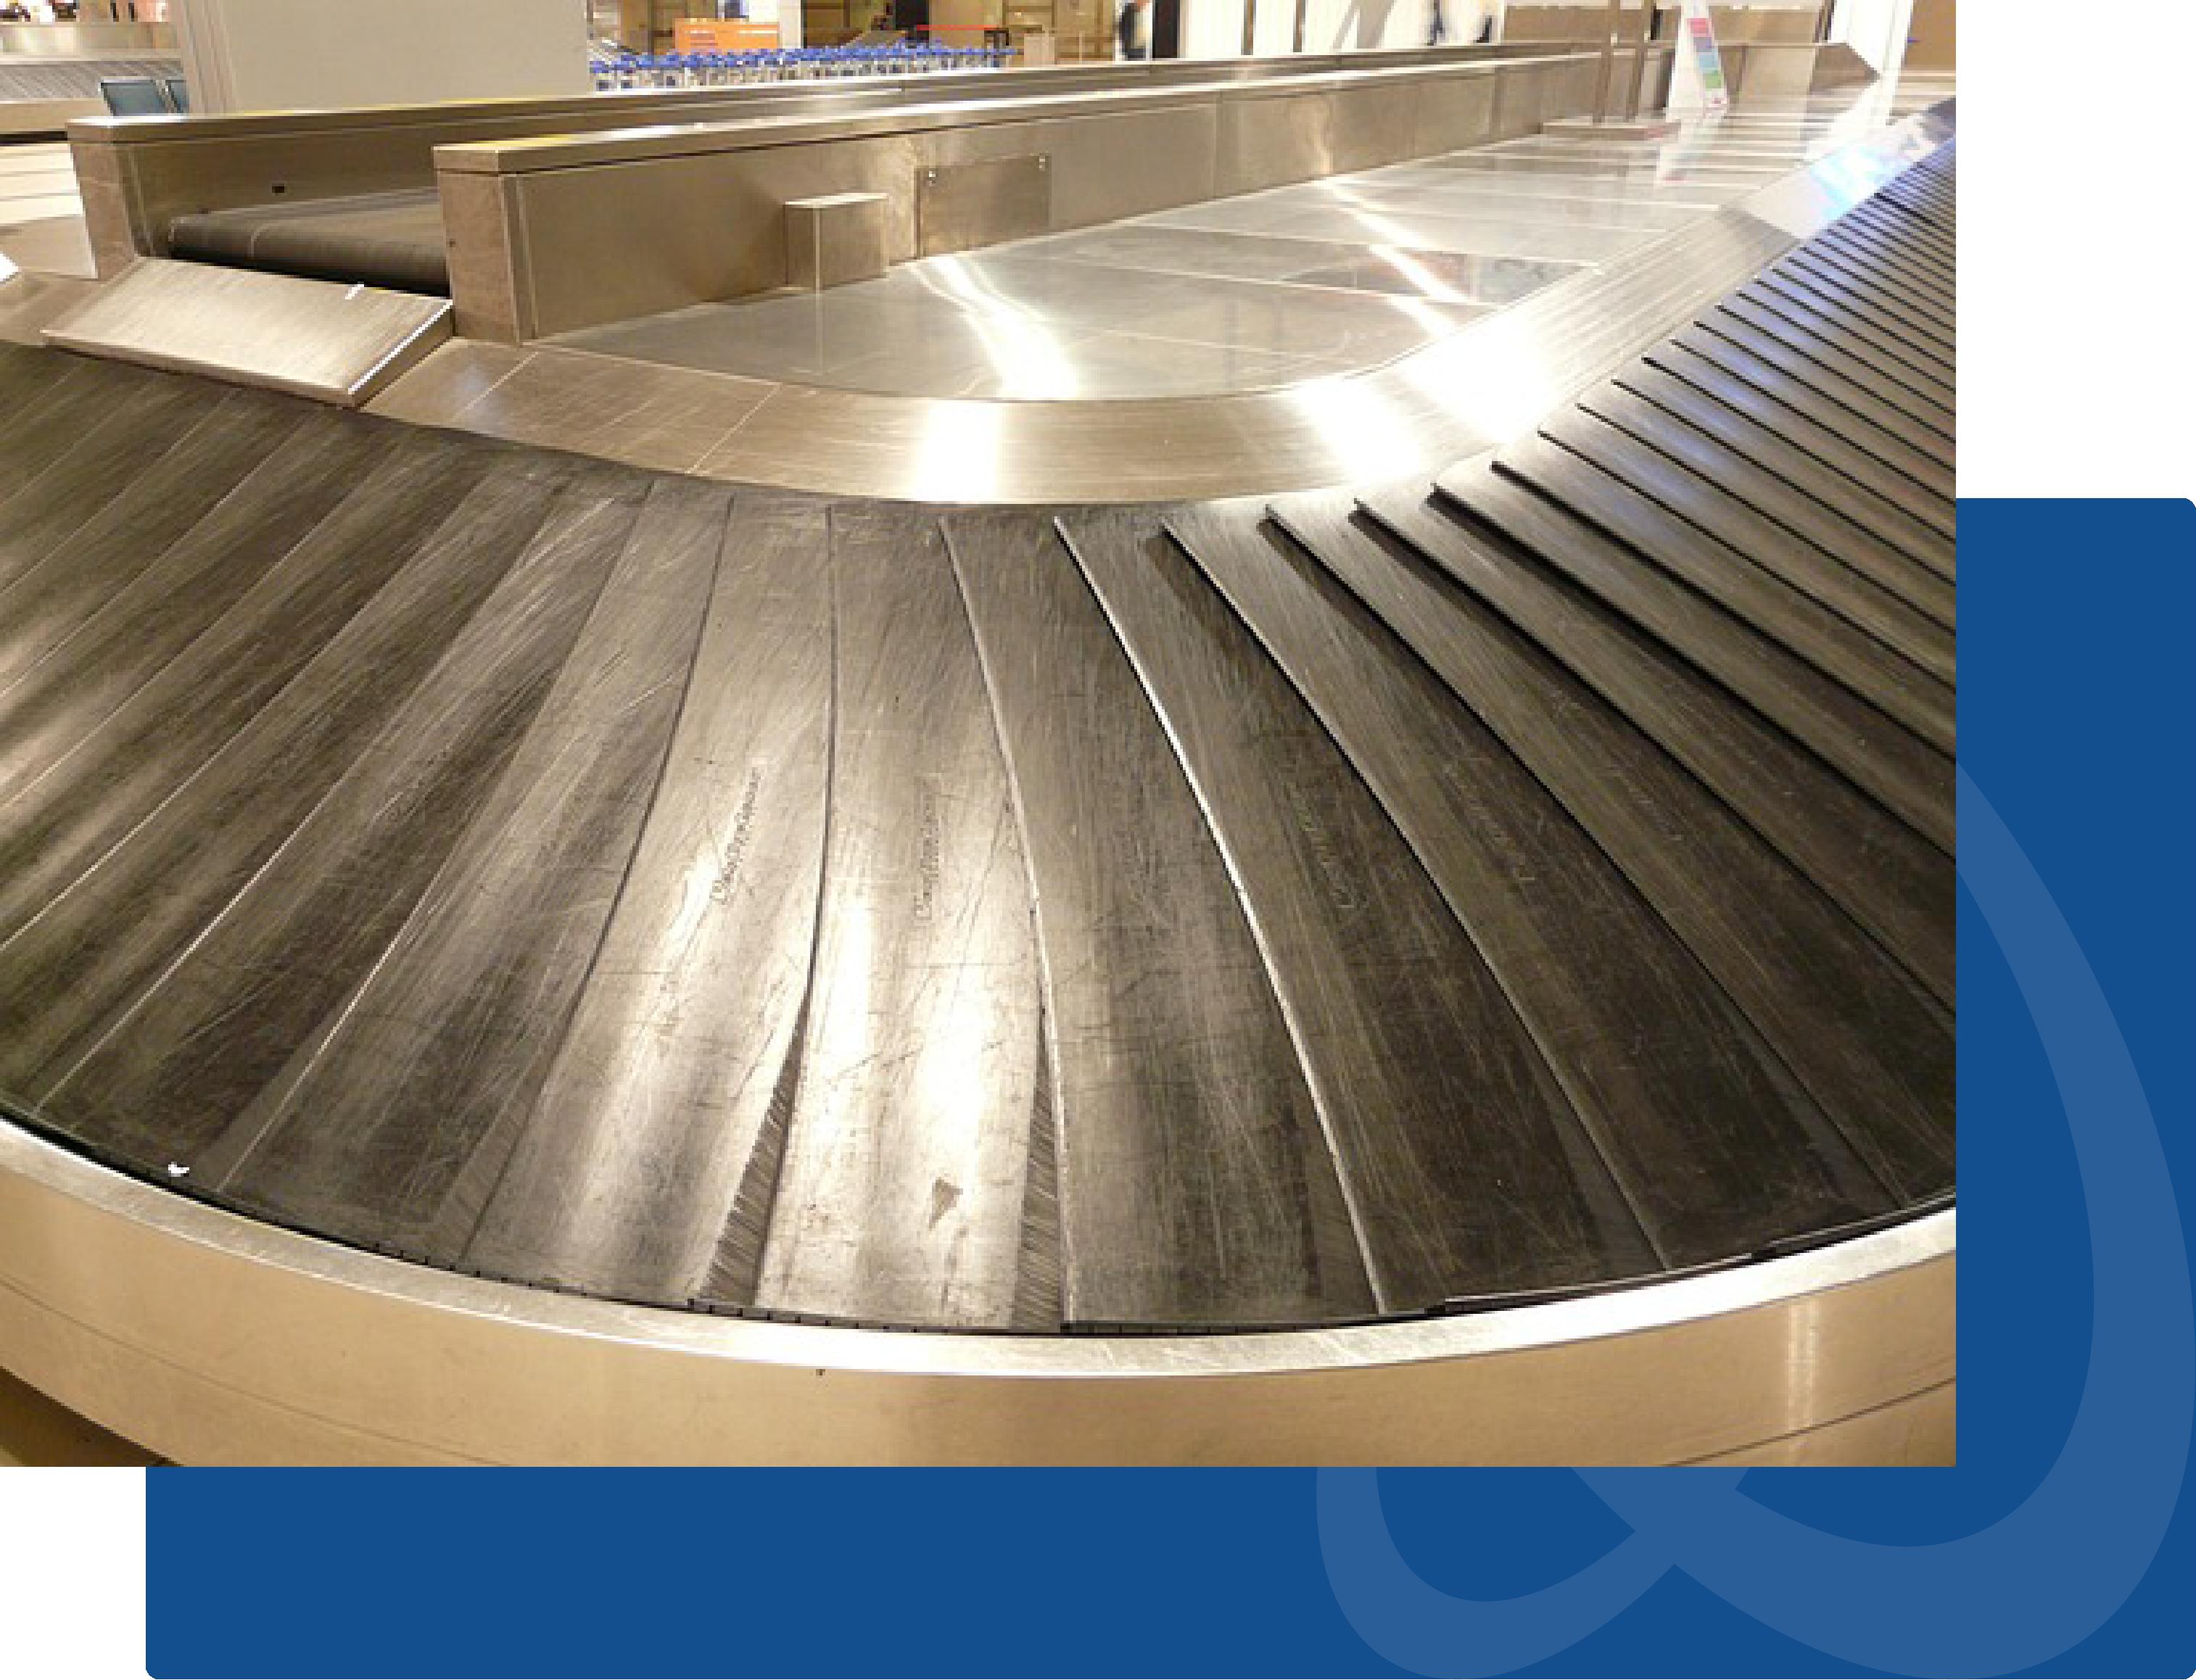 curved conveyor belt system